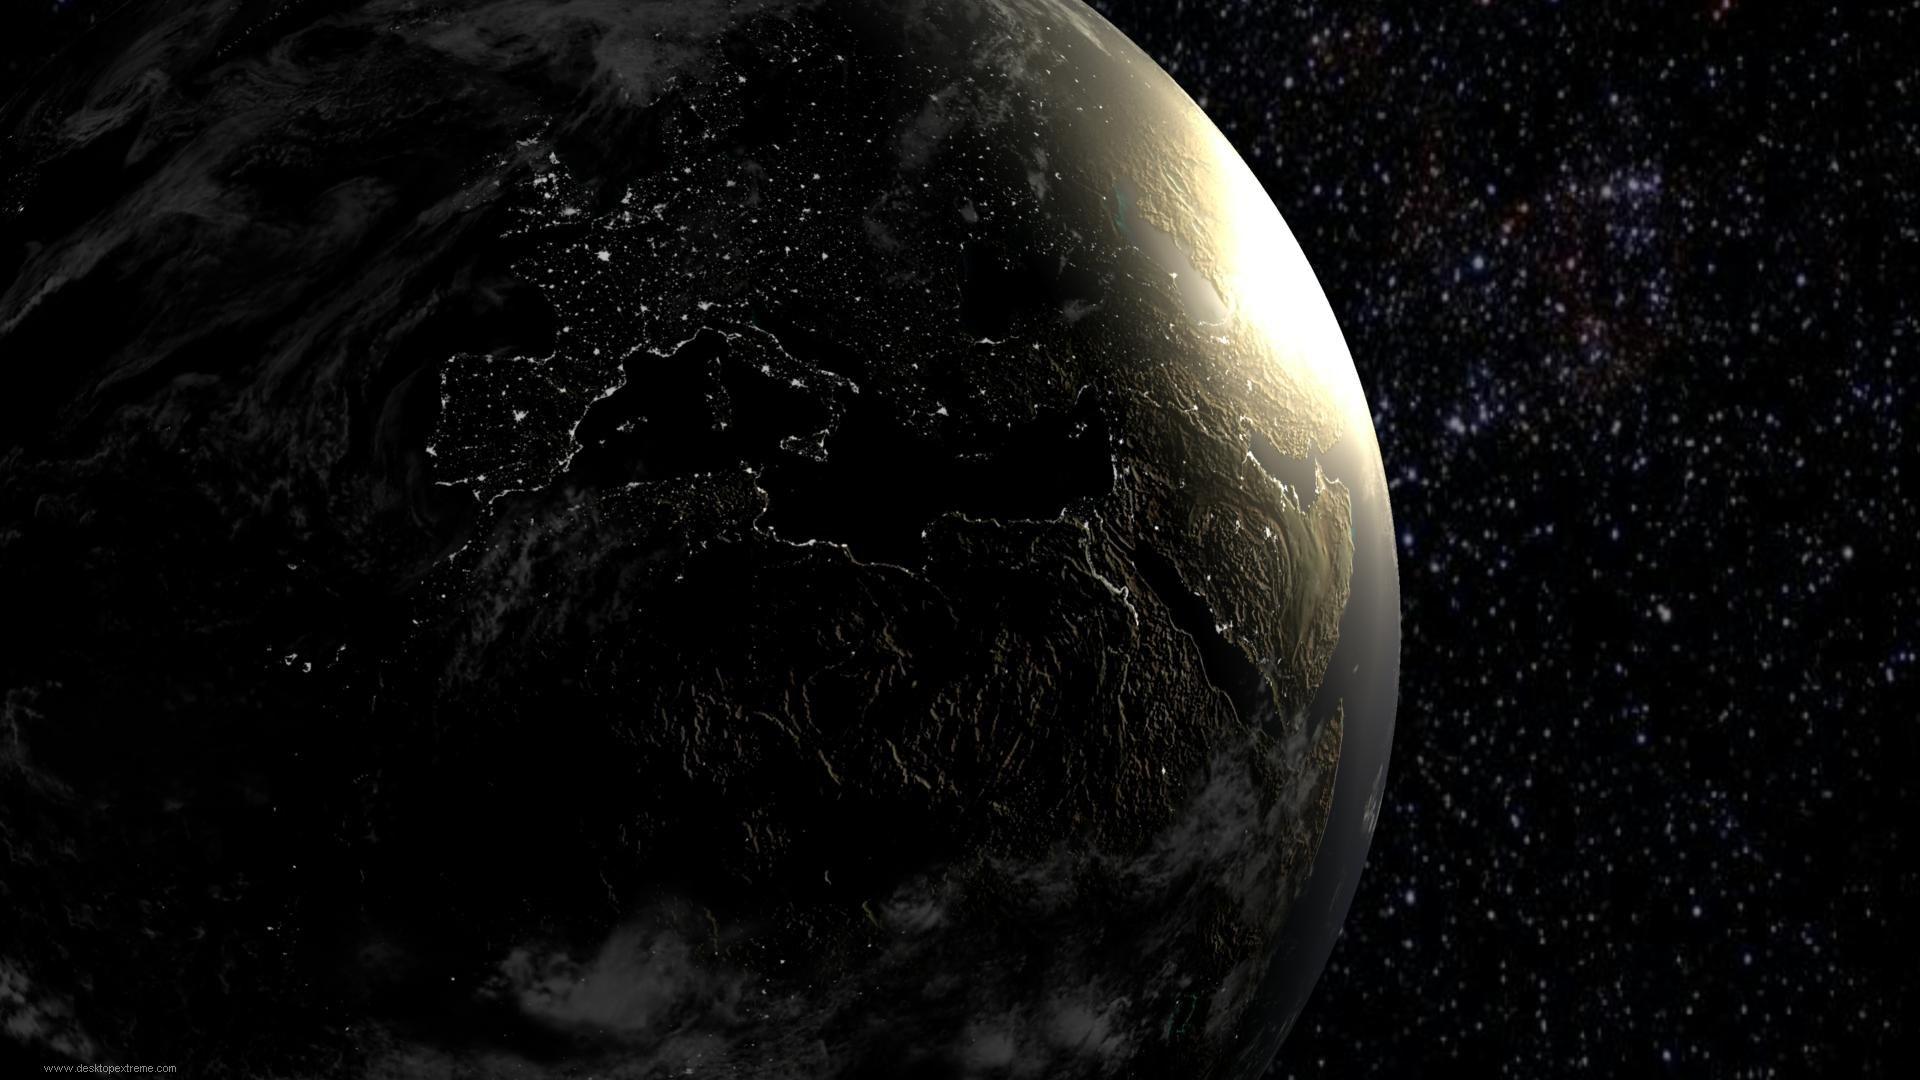 Earth at Night Desktop Wallpaper - WallpaperSafari